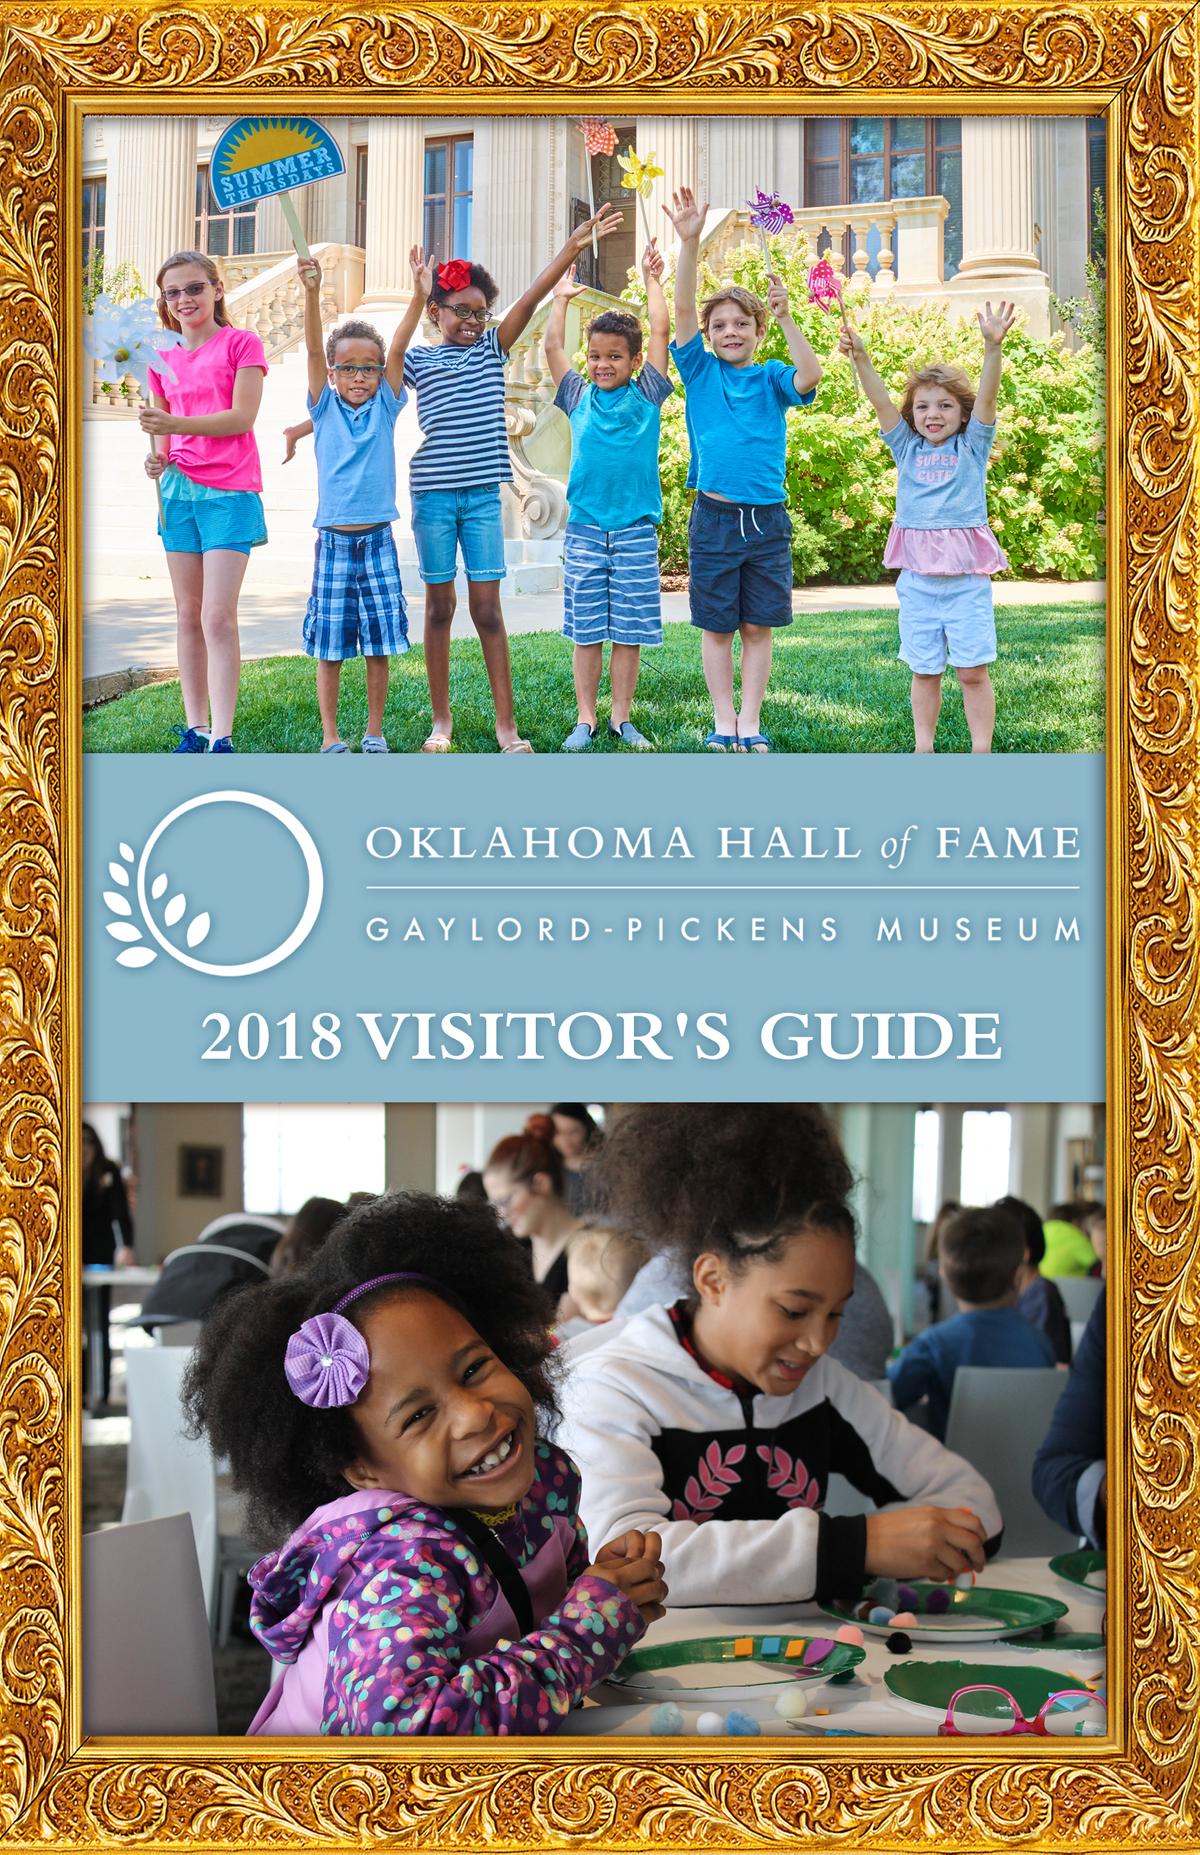 OHOF 2018 Summer Visitor's Guide 1.jpg